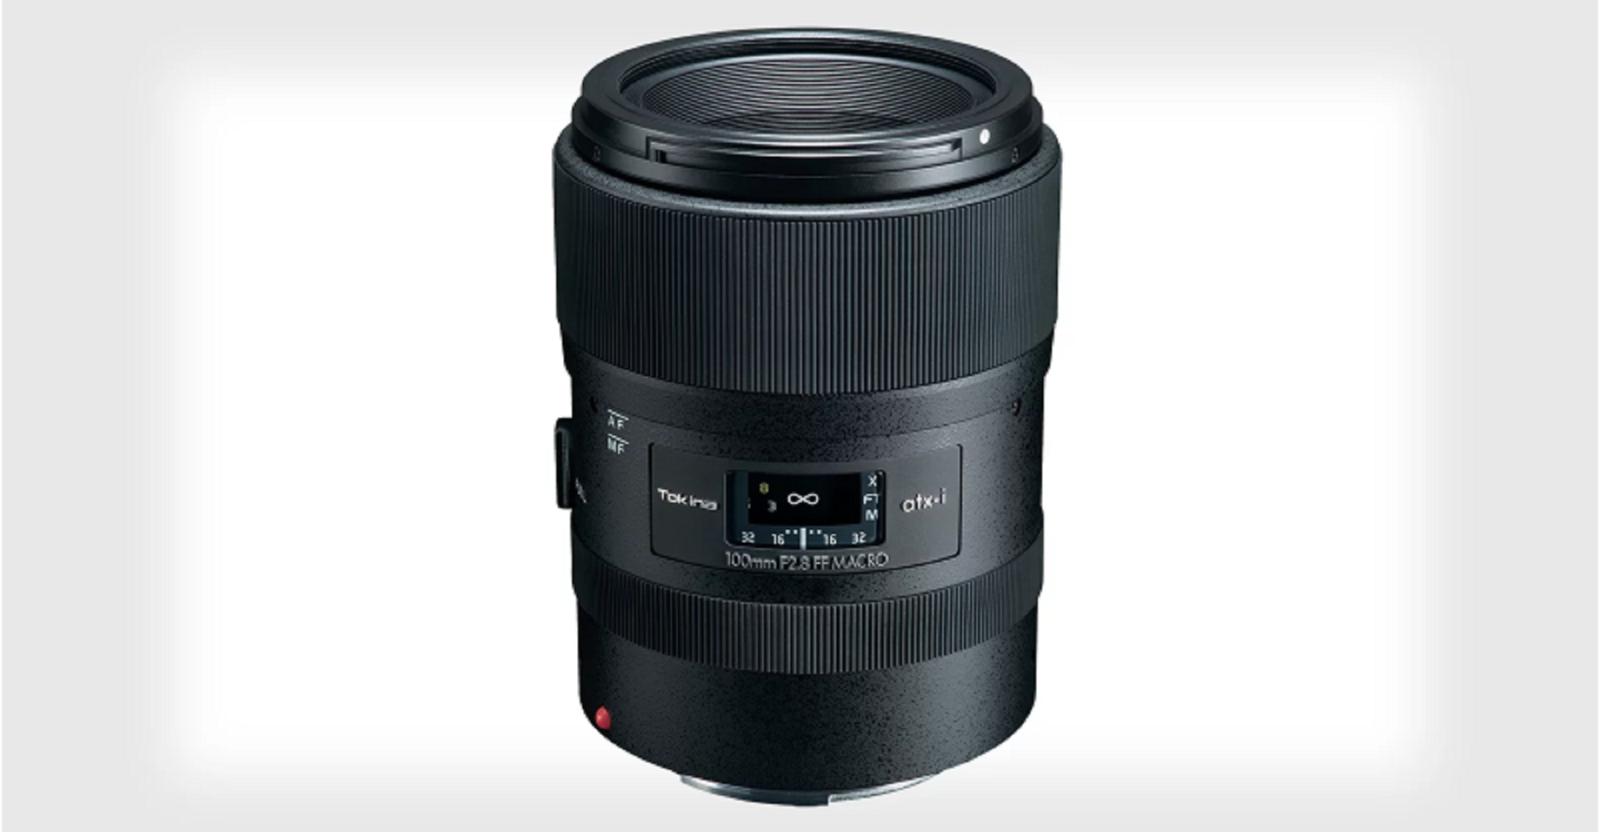 Tokina tiết lộ ống kínhatx-i 100mm f/2.8 Macro FFchoCanon và Nikon